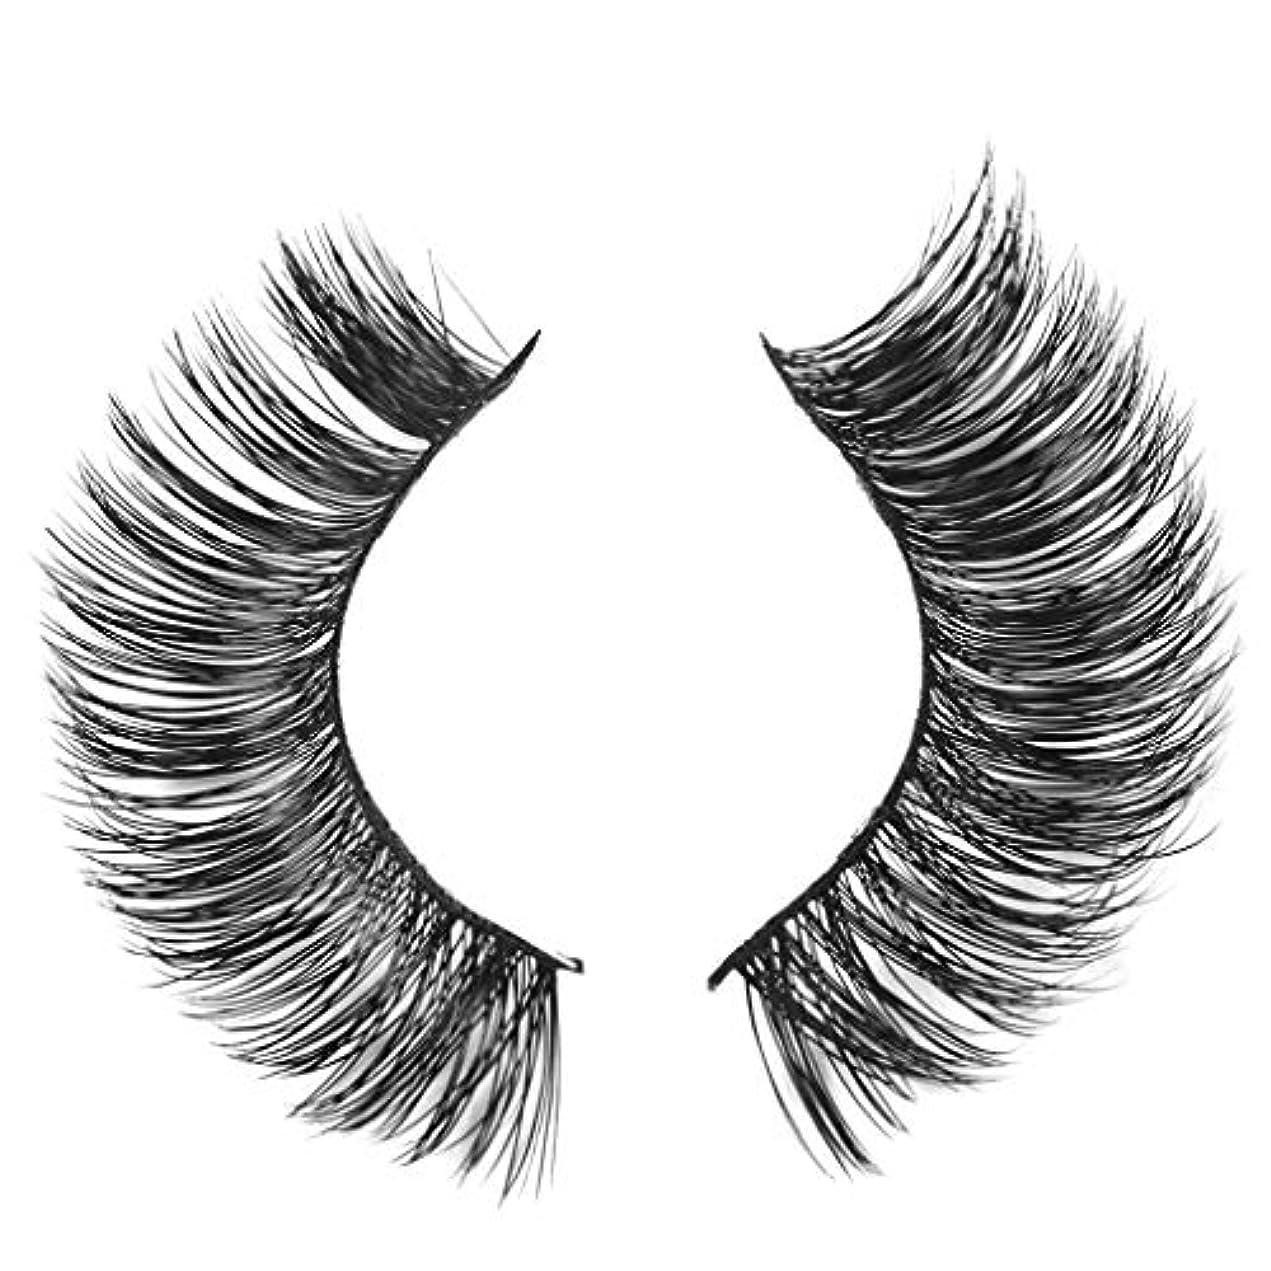 束検索エンジン最適化ダイヤルミンクの毛の自然な厚くなる化粧品の3D版のための一組のまつげ